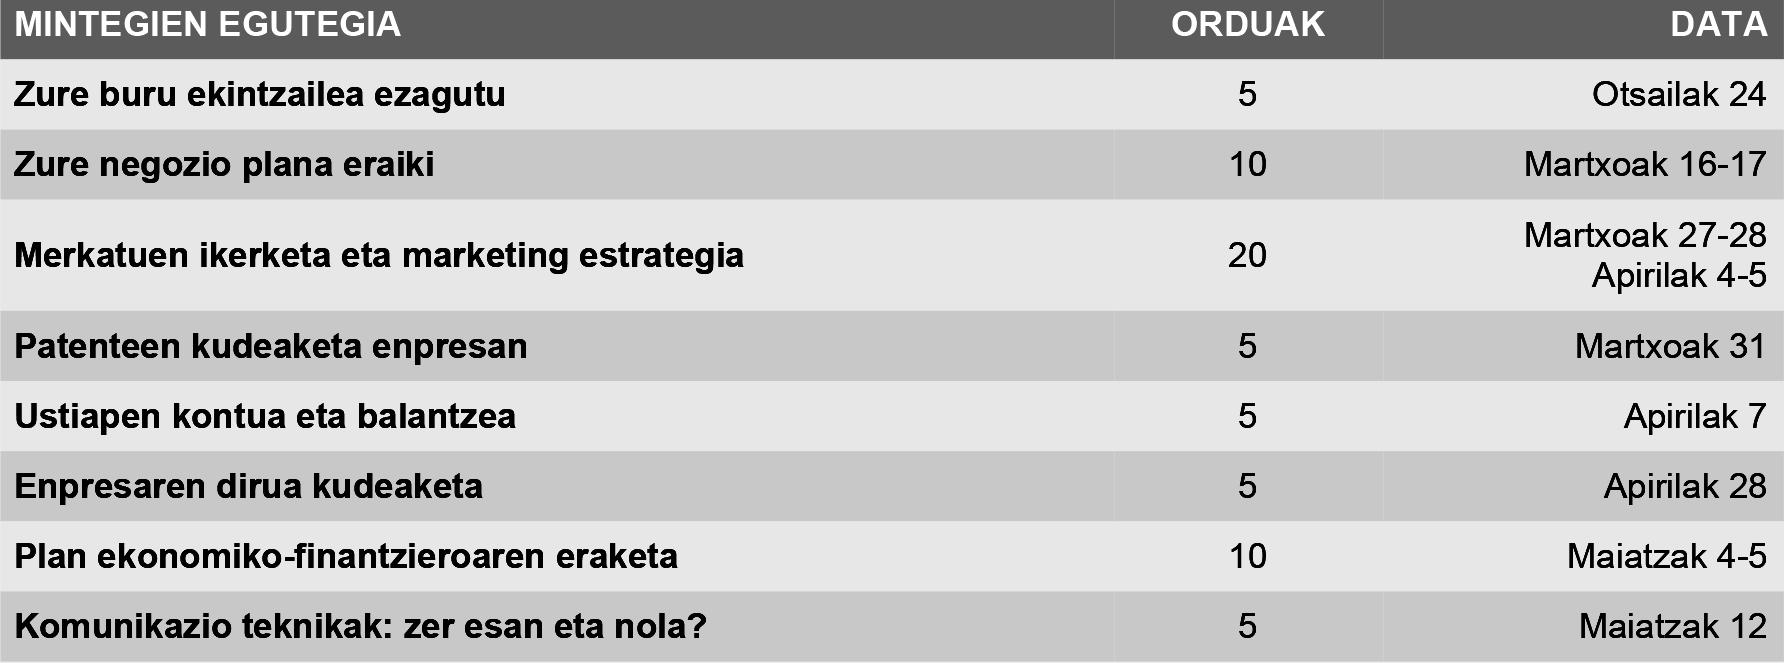 ENPRESA BERRITZAILEAK SORTU ETA KUDEATZEKO IKASTAROA 2017 PROGR